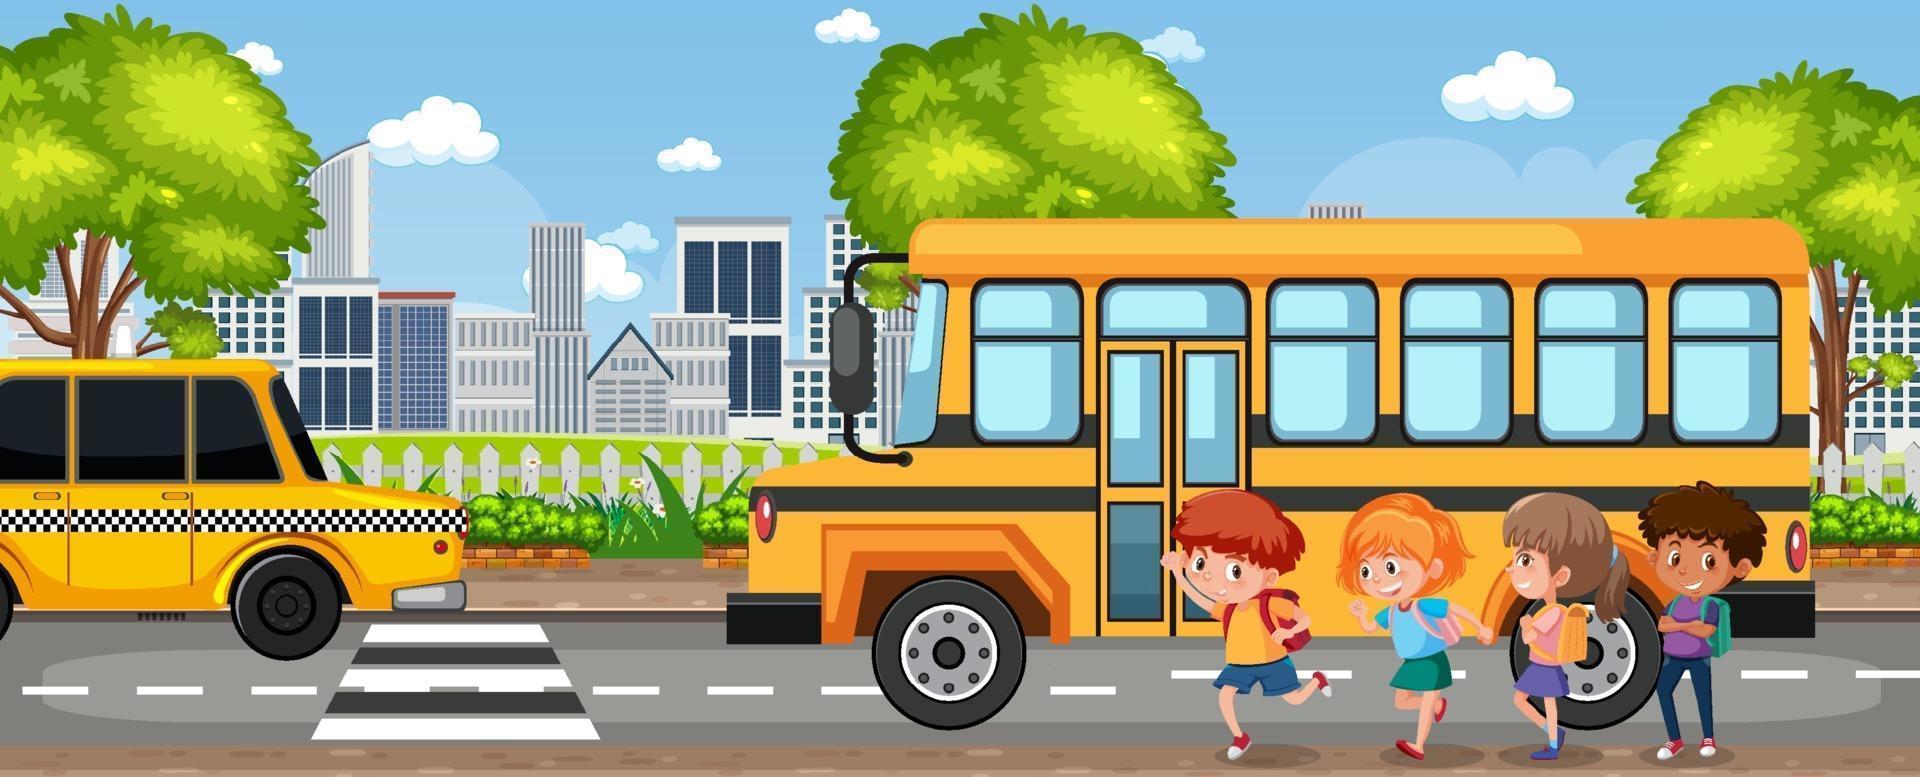 estudiante que va a la escuela en autobús escolar vector